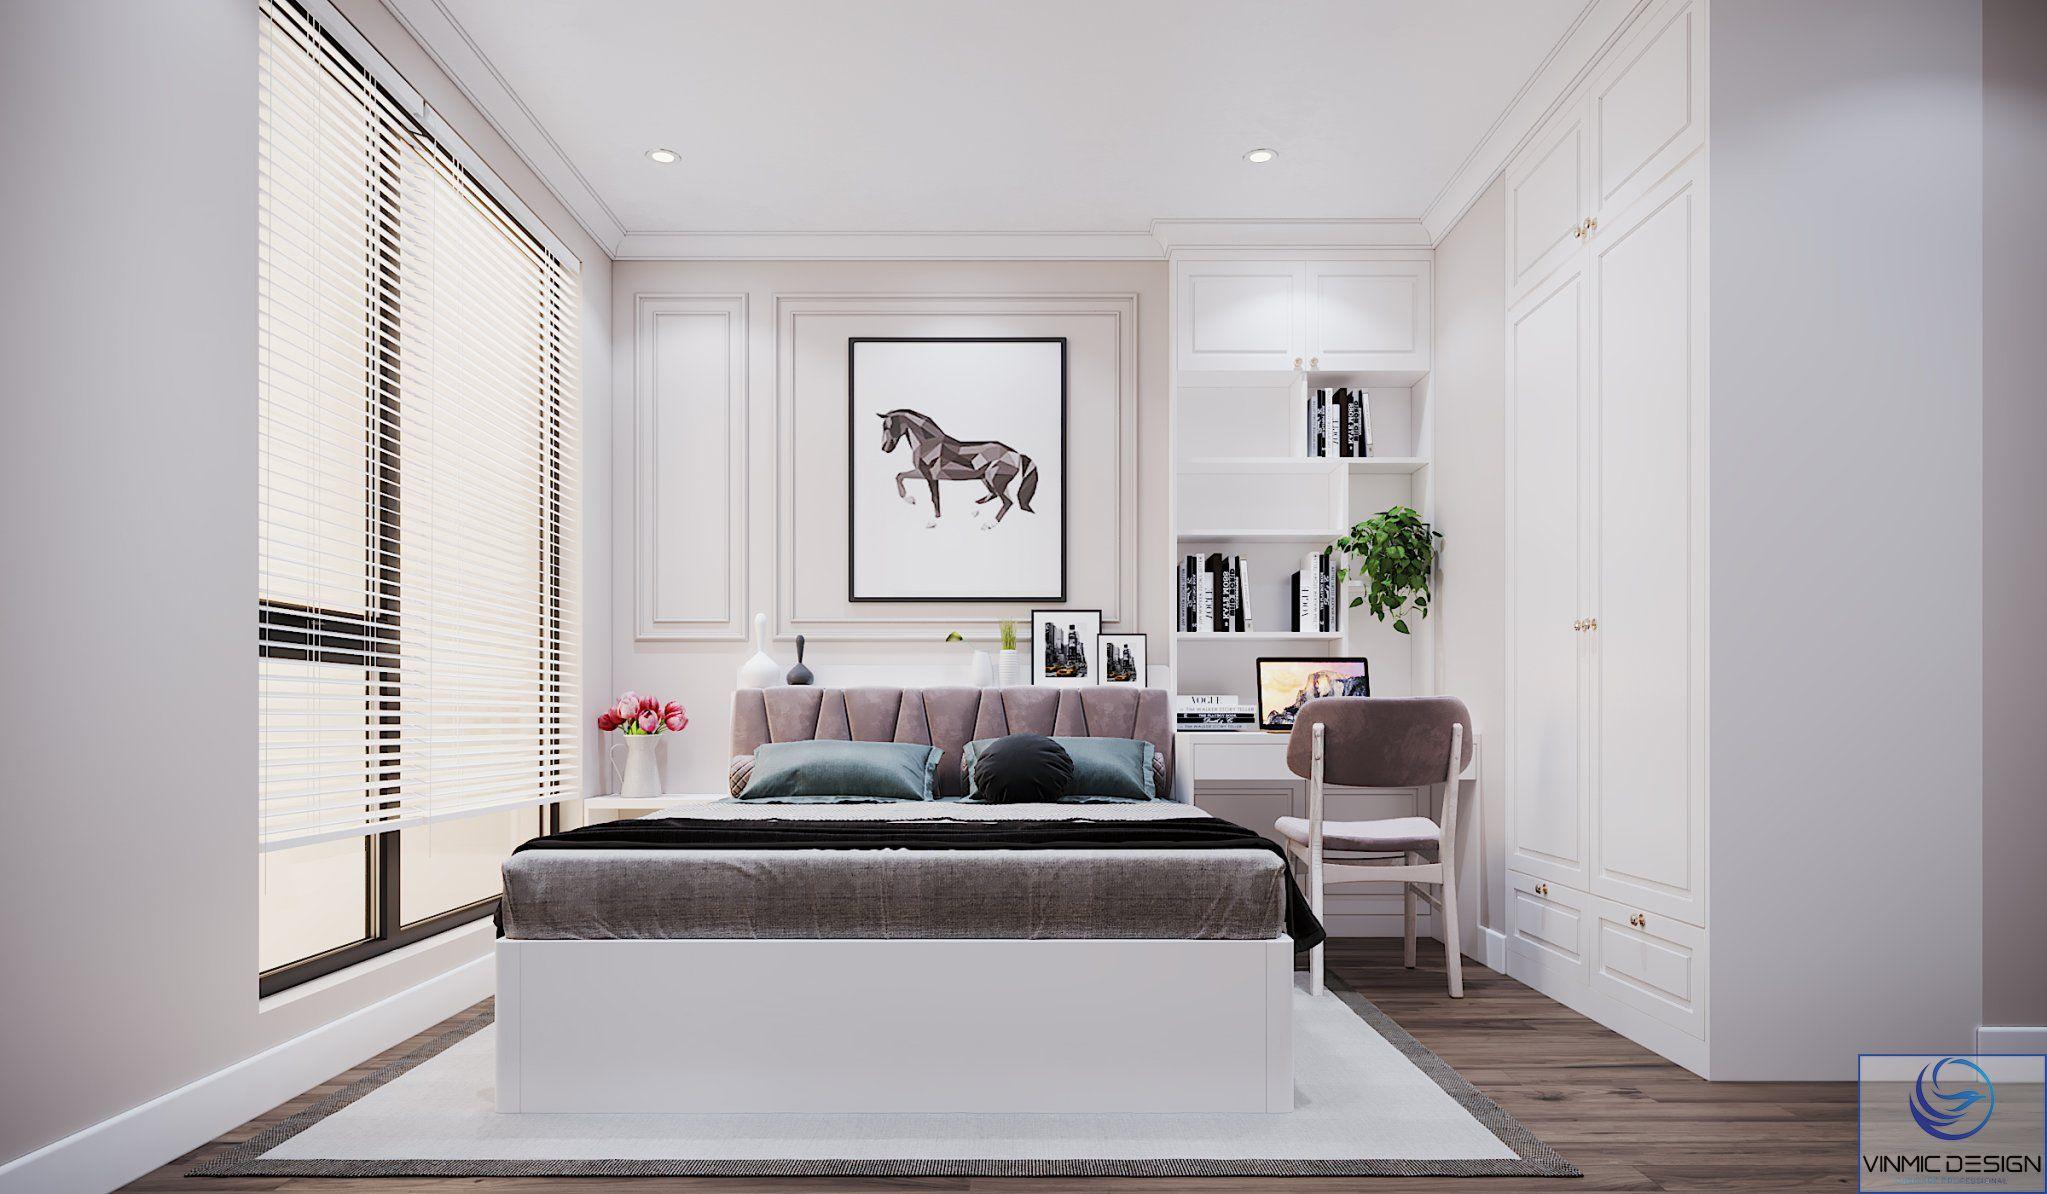 Bàn làm việc kết hợp tủ trang trí là điểm nhấn cho căn phòng.